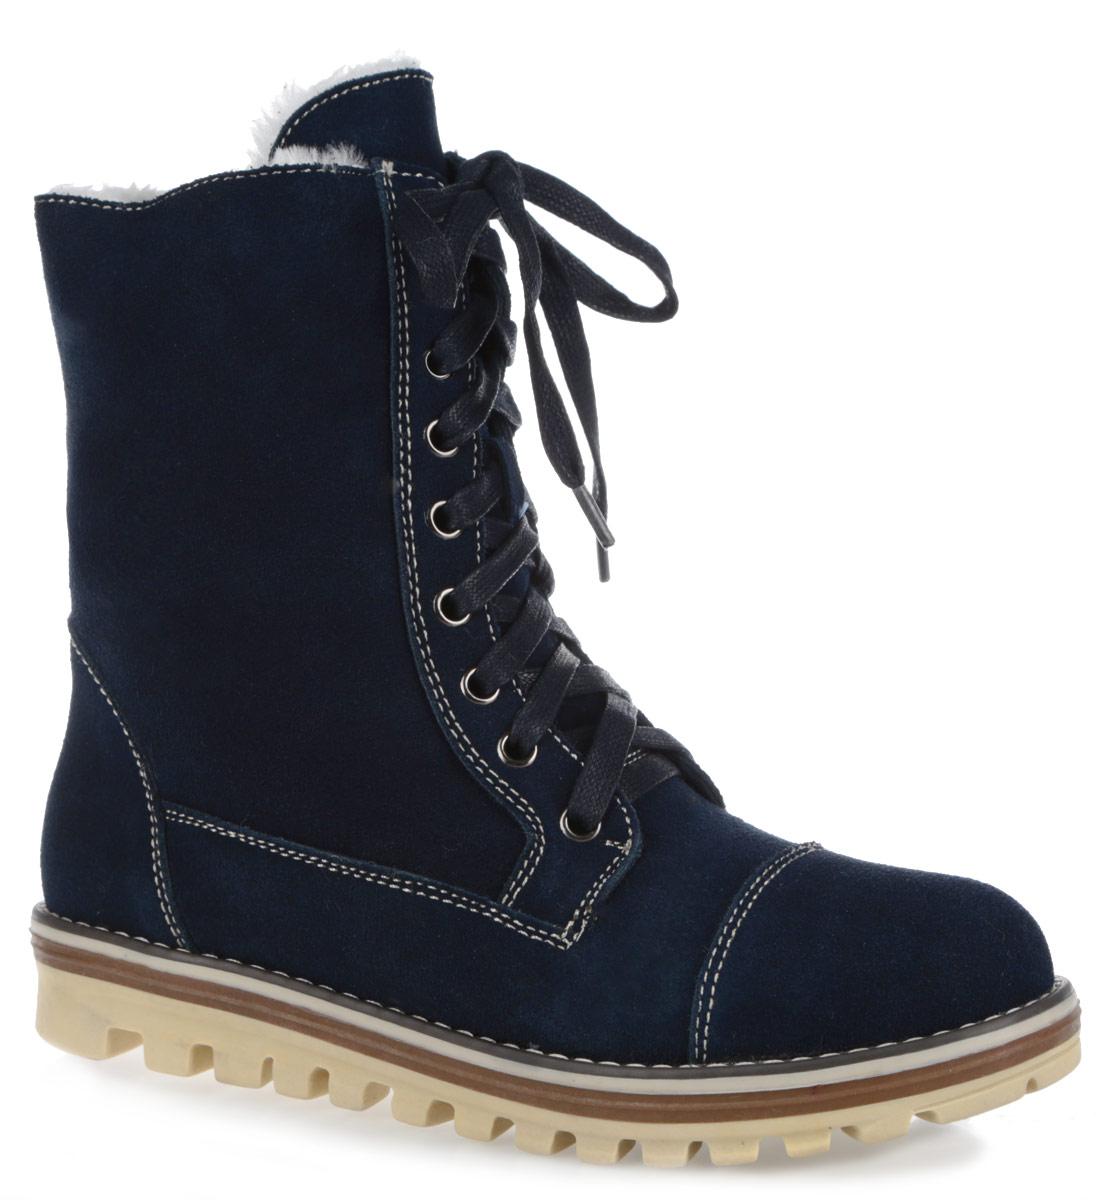 Betsy Ботинки для девочки. 958555/11